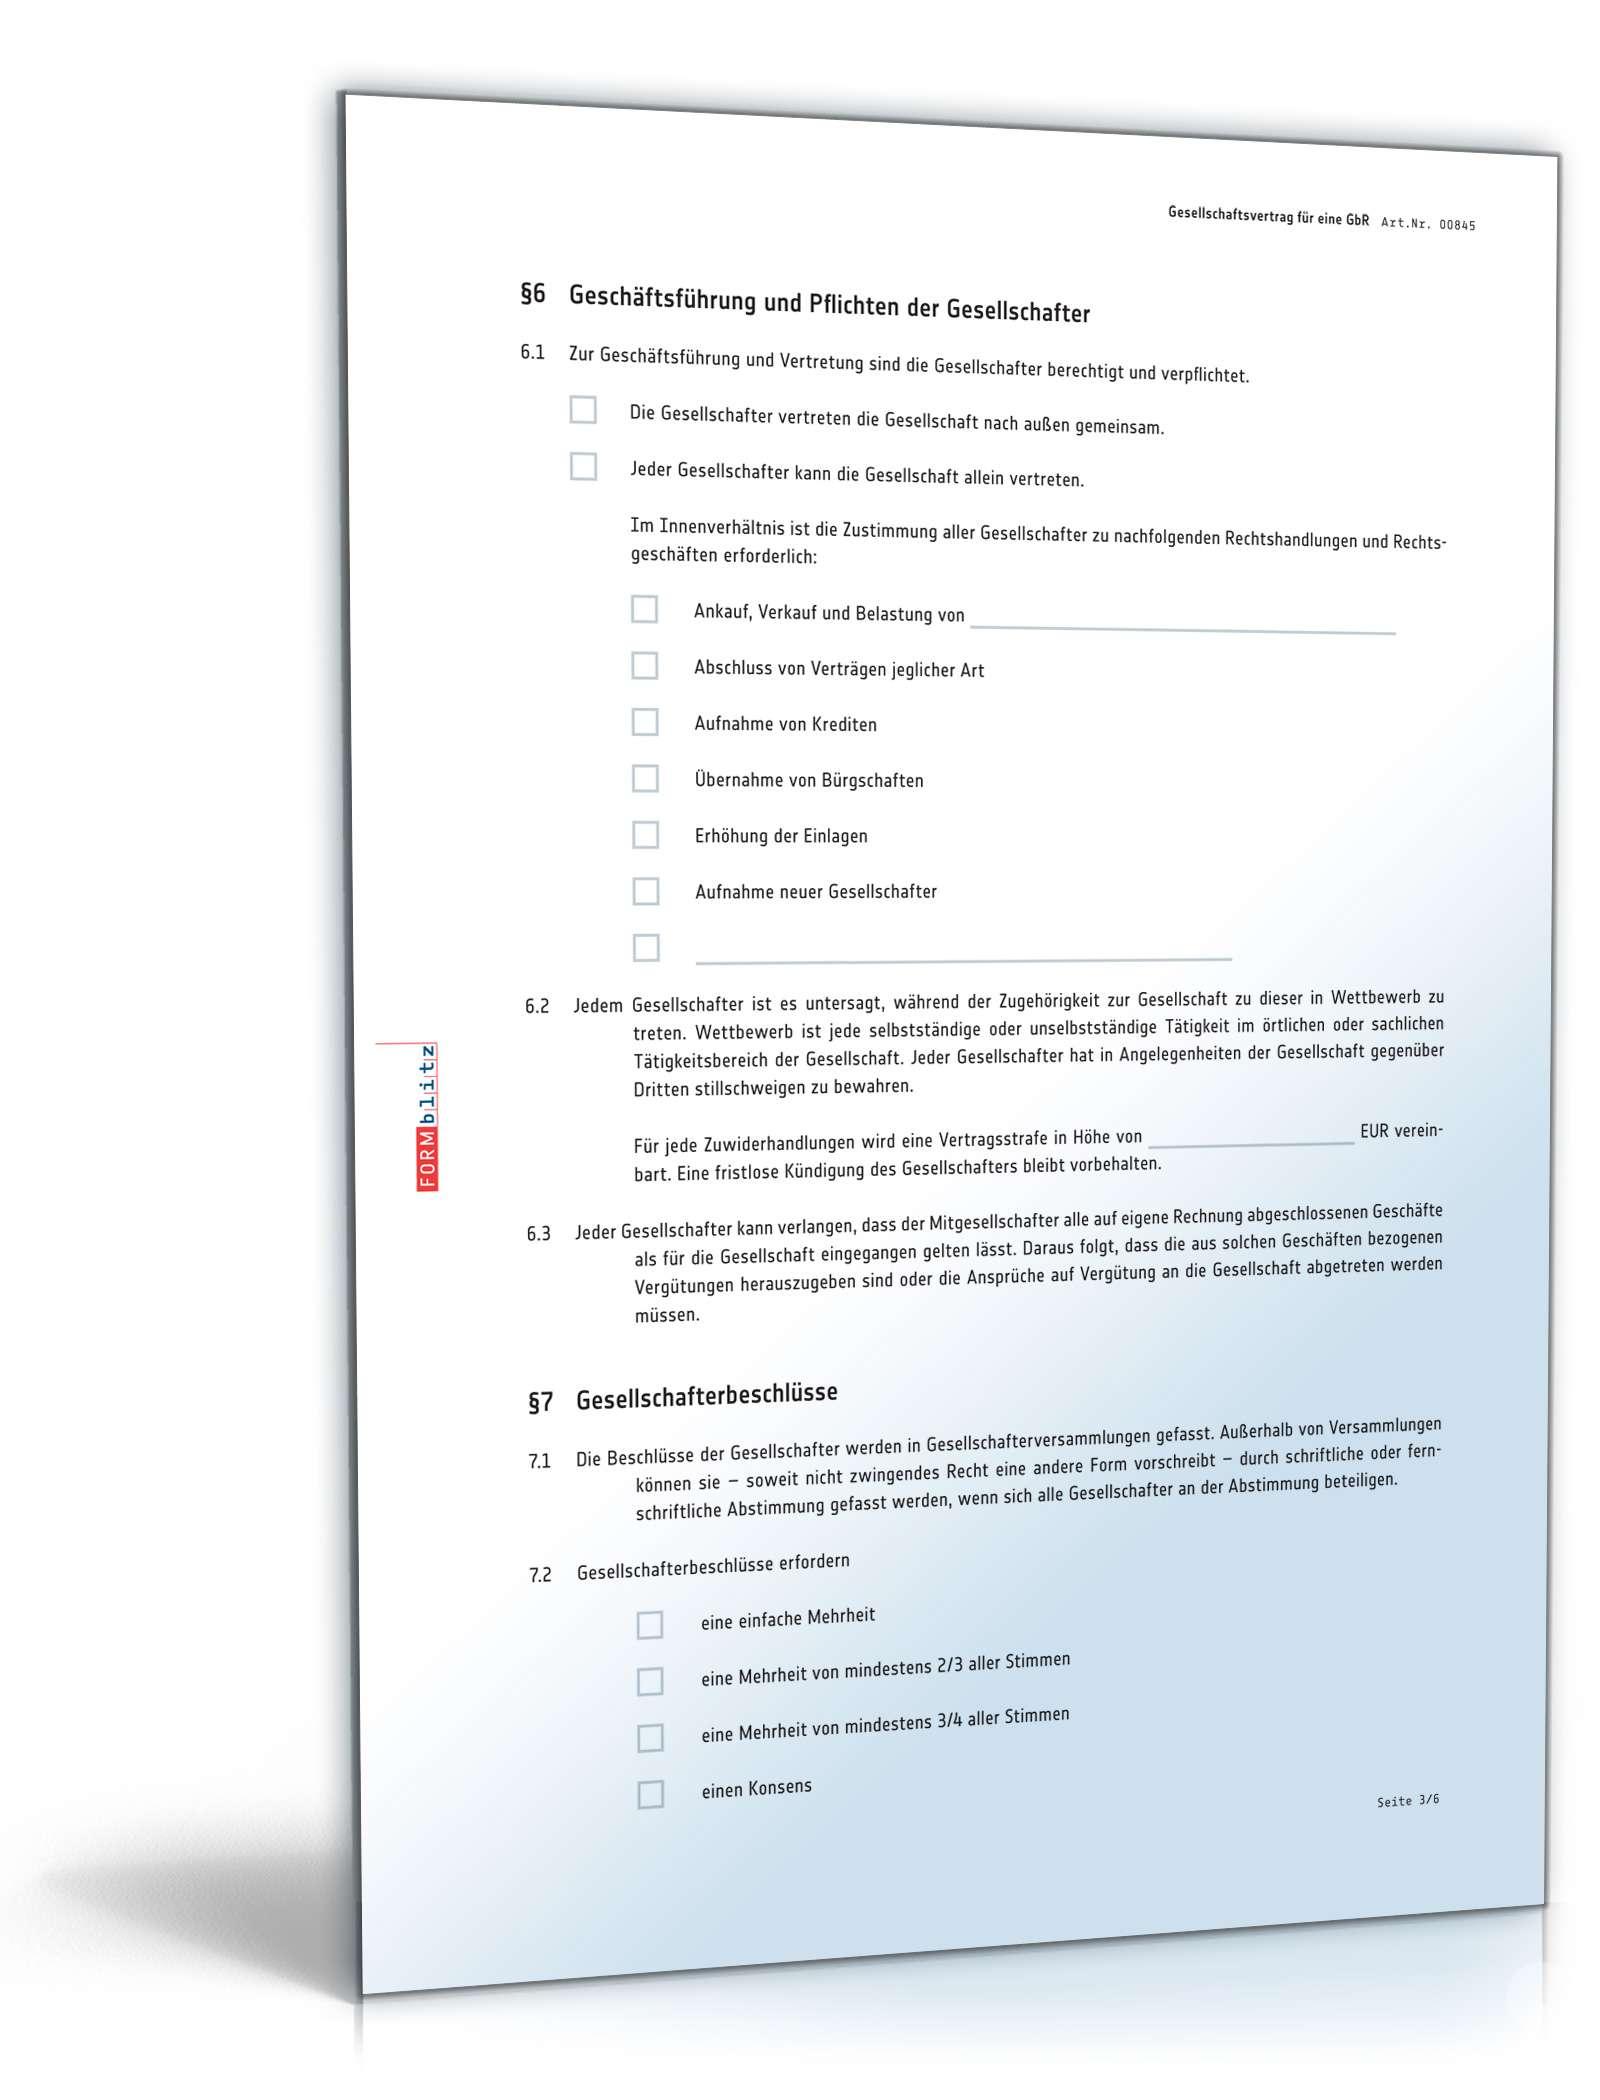 GbR-Gesellschaftsvertrag | Muster für Gründung einer GbR